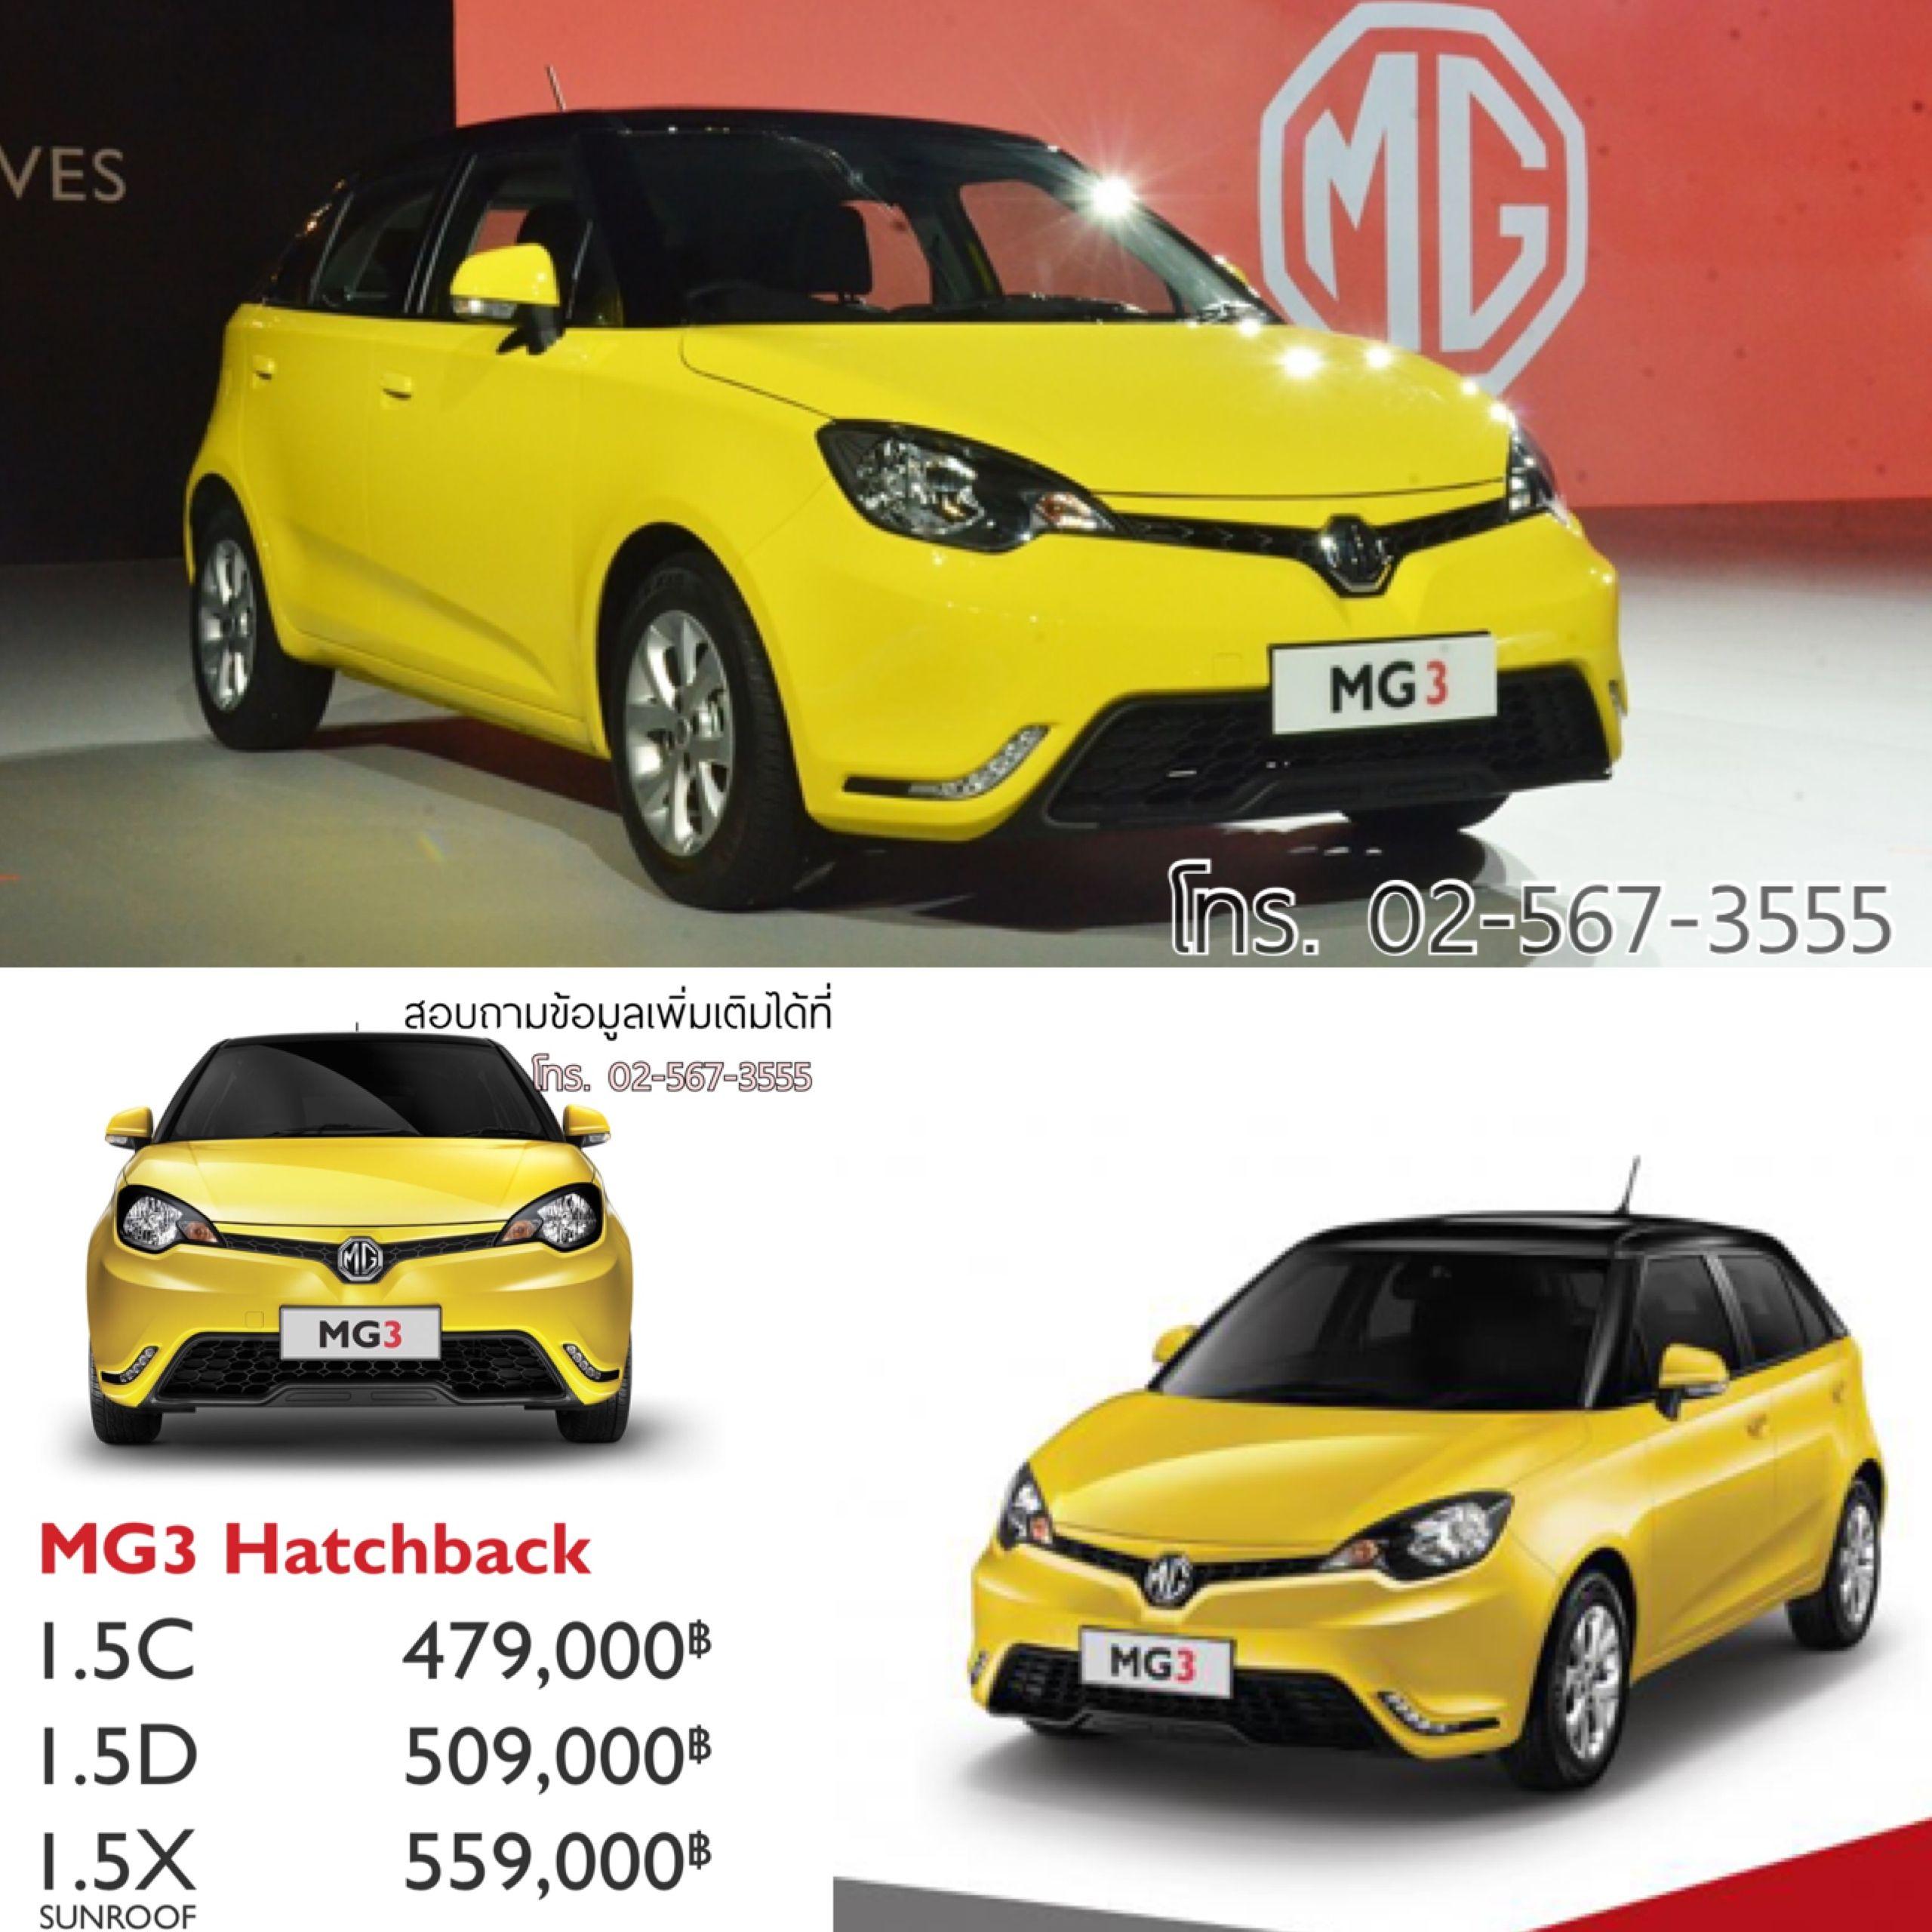 รถเอ มจ 3 โปรโมช น ราคารถเอ มจ 3 Mg3 โชว ร มเอ มจ Mgprogress2016